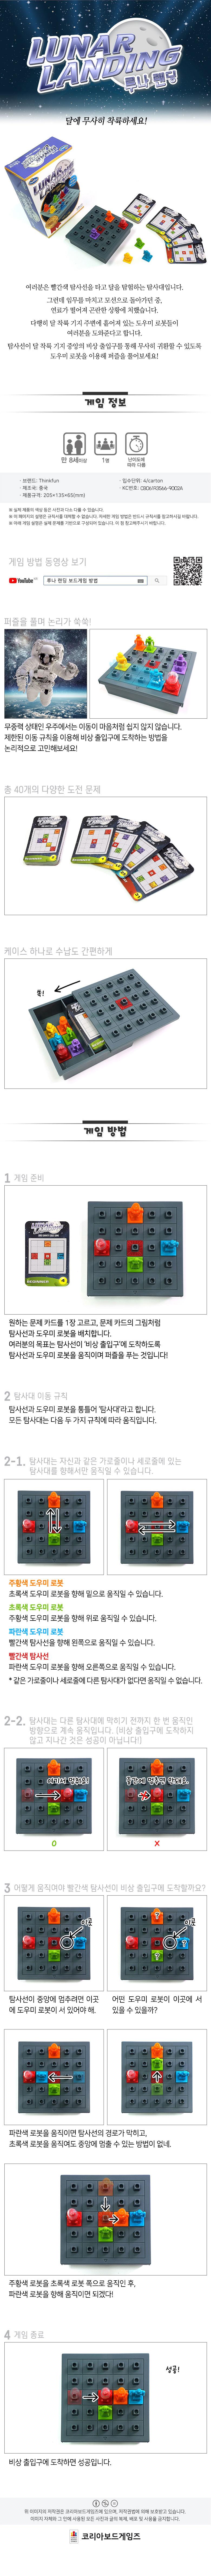 루나 랜딩 /보드게임 - 코리아보드게임즈, 19,500원, 보드게임, 두뇌 게임